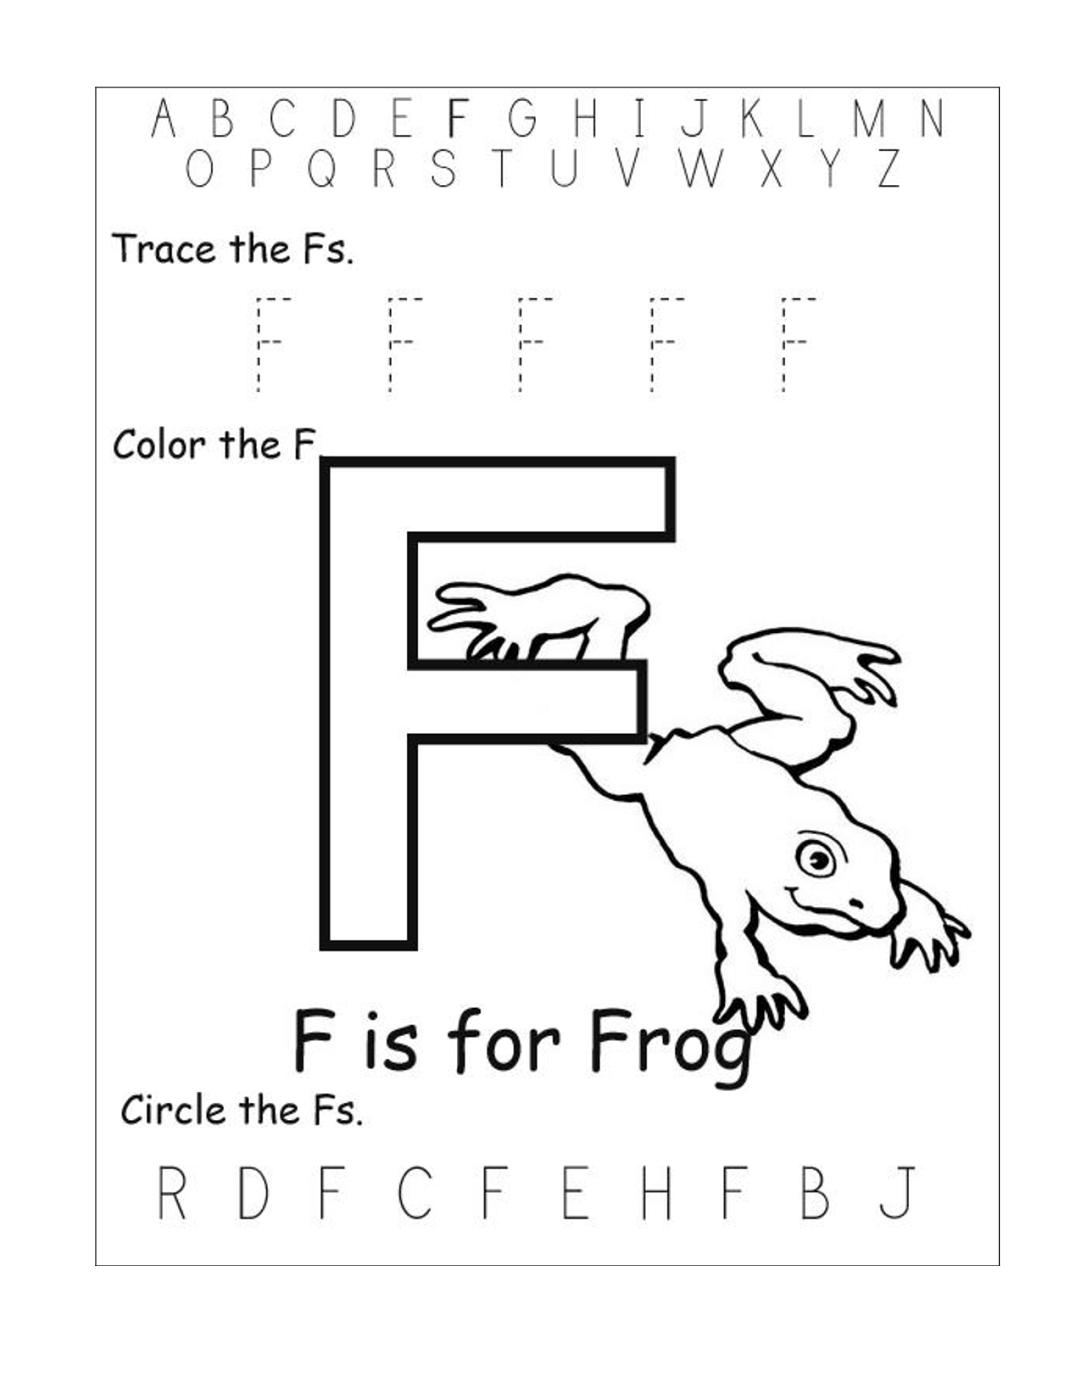 Letter F Worksheets For Preschool Worksheets For All throughout Letter F Worksheets Prek